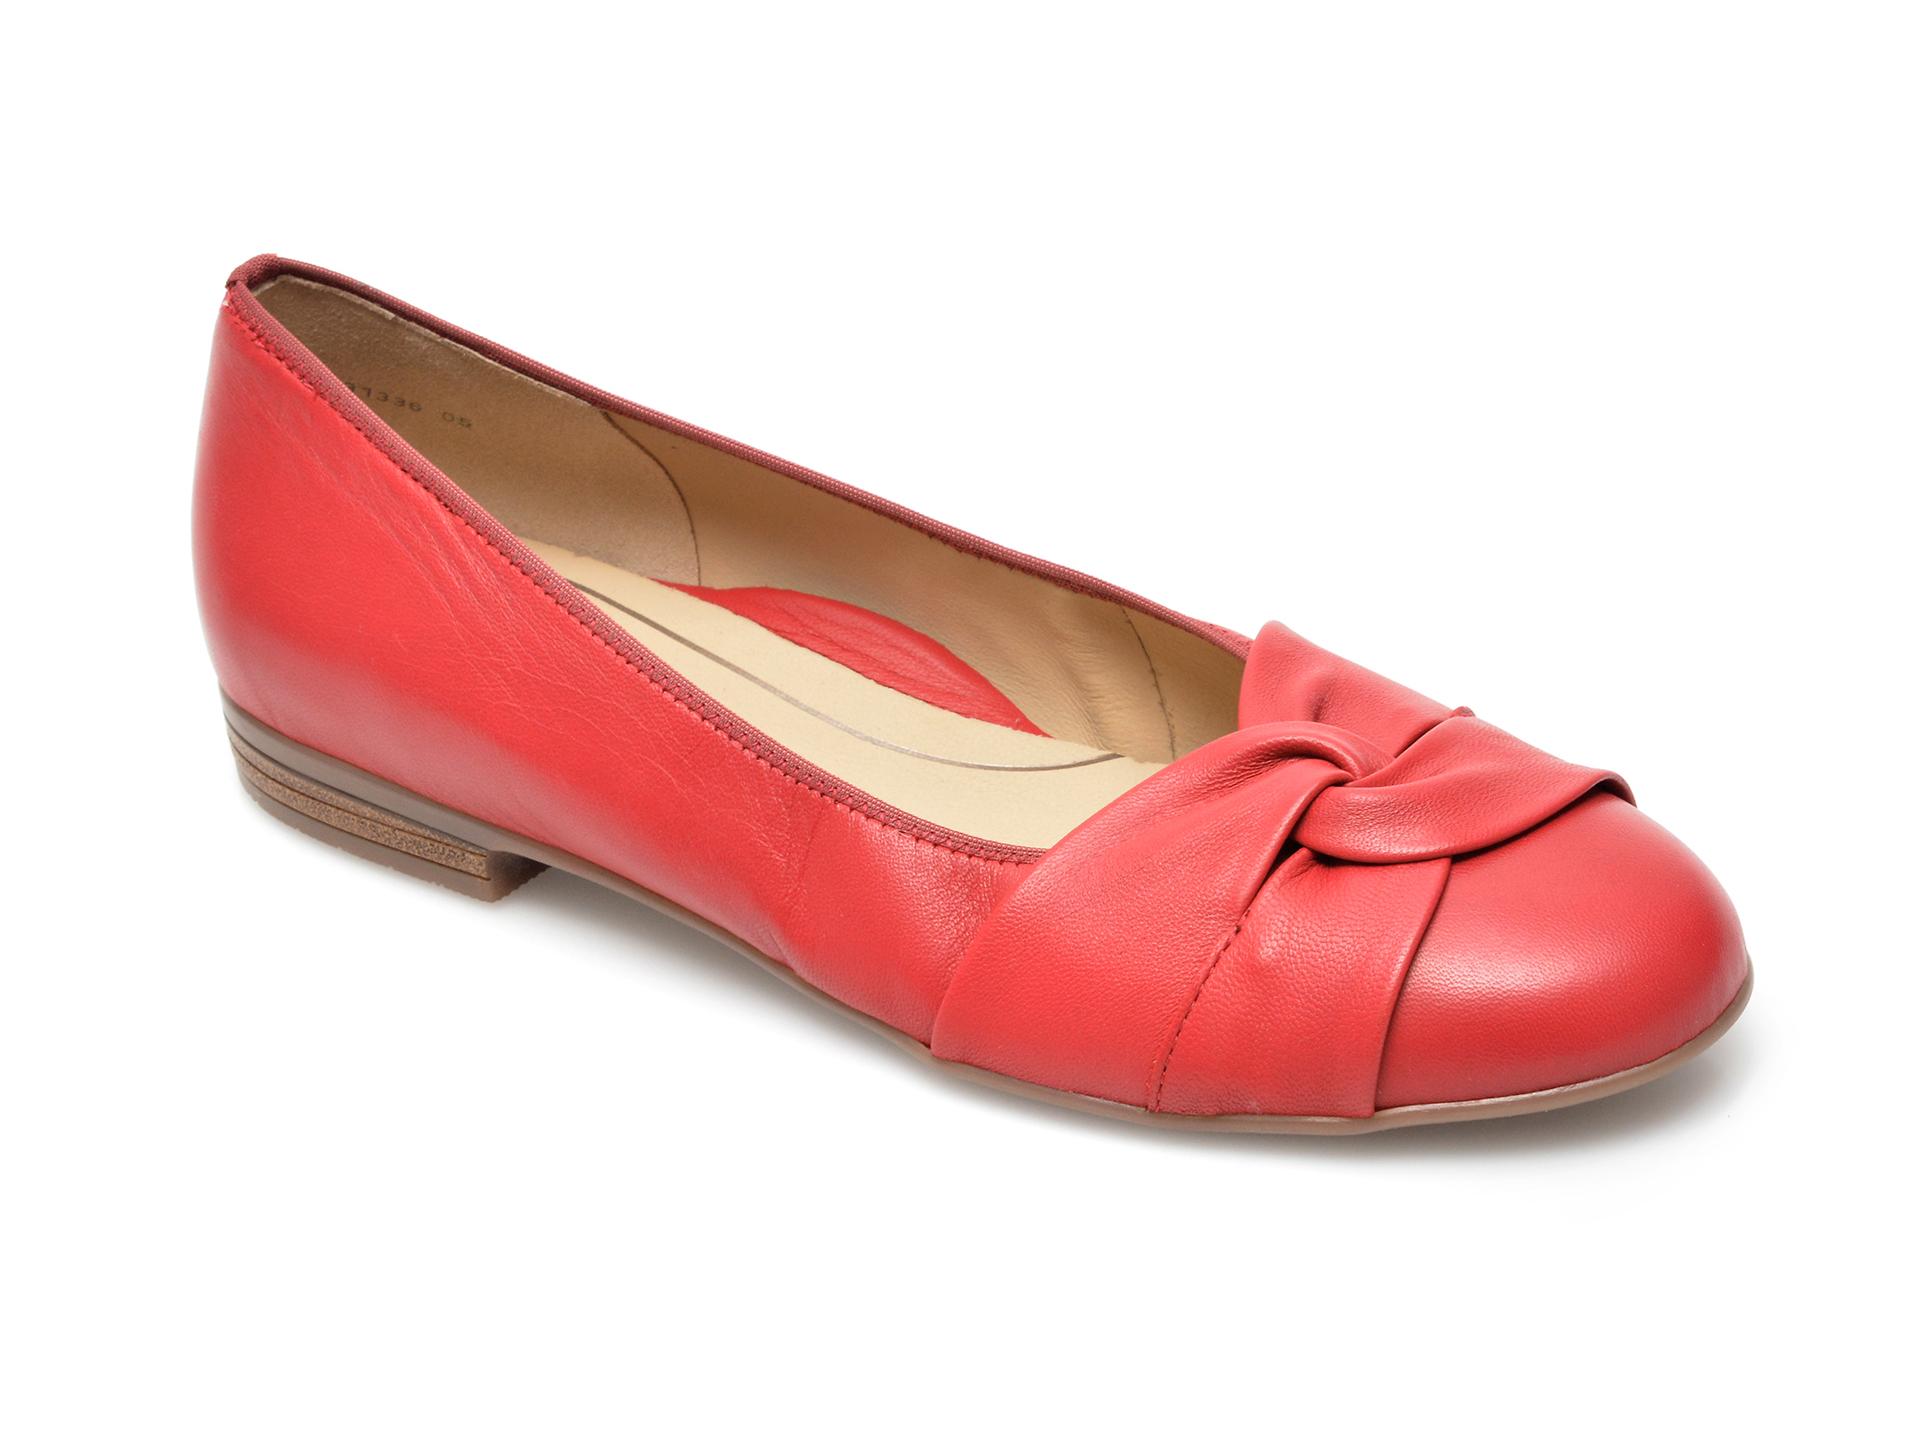 Balerini dama ARA, 31336, din piele naturala rosii